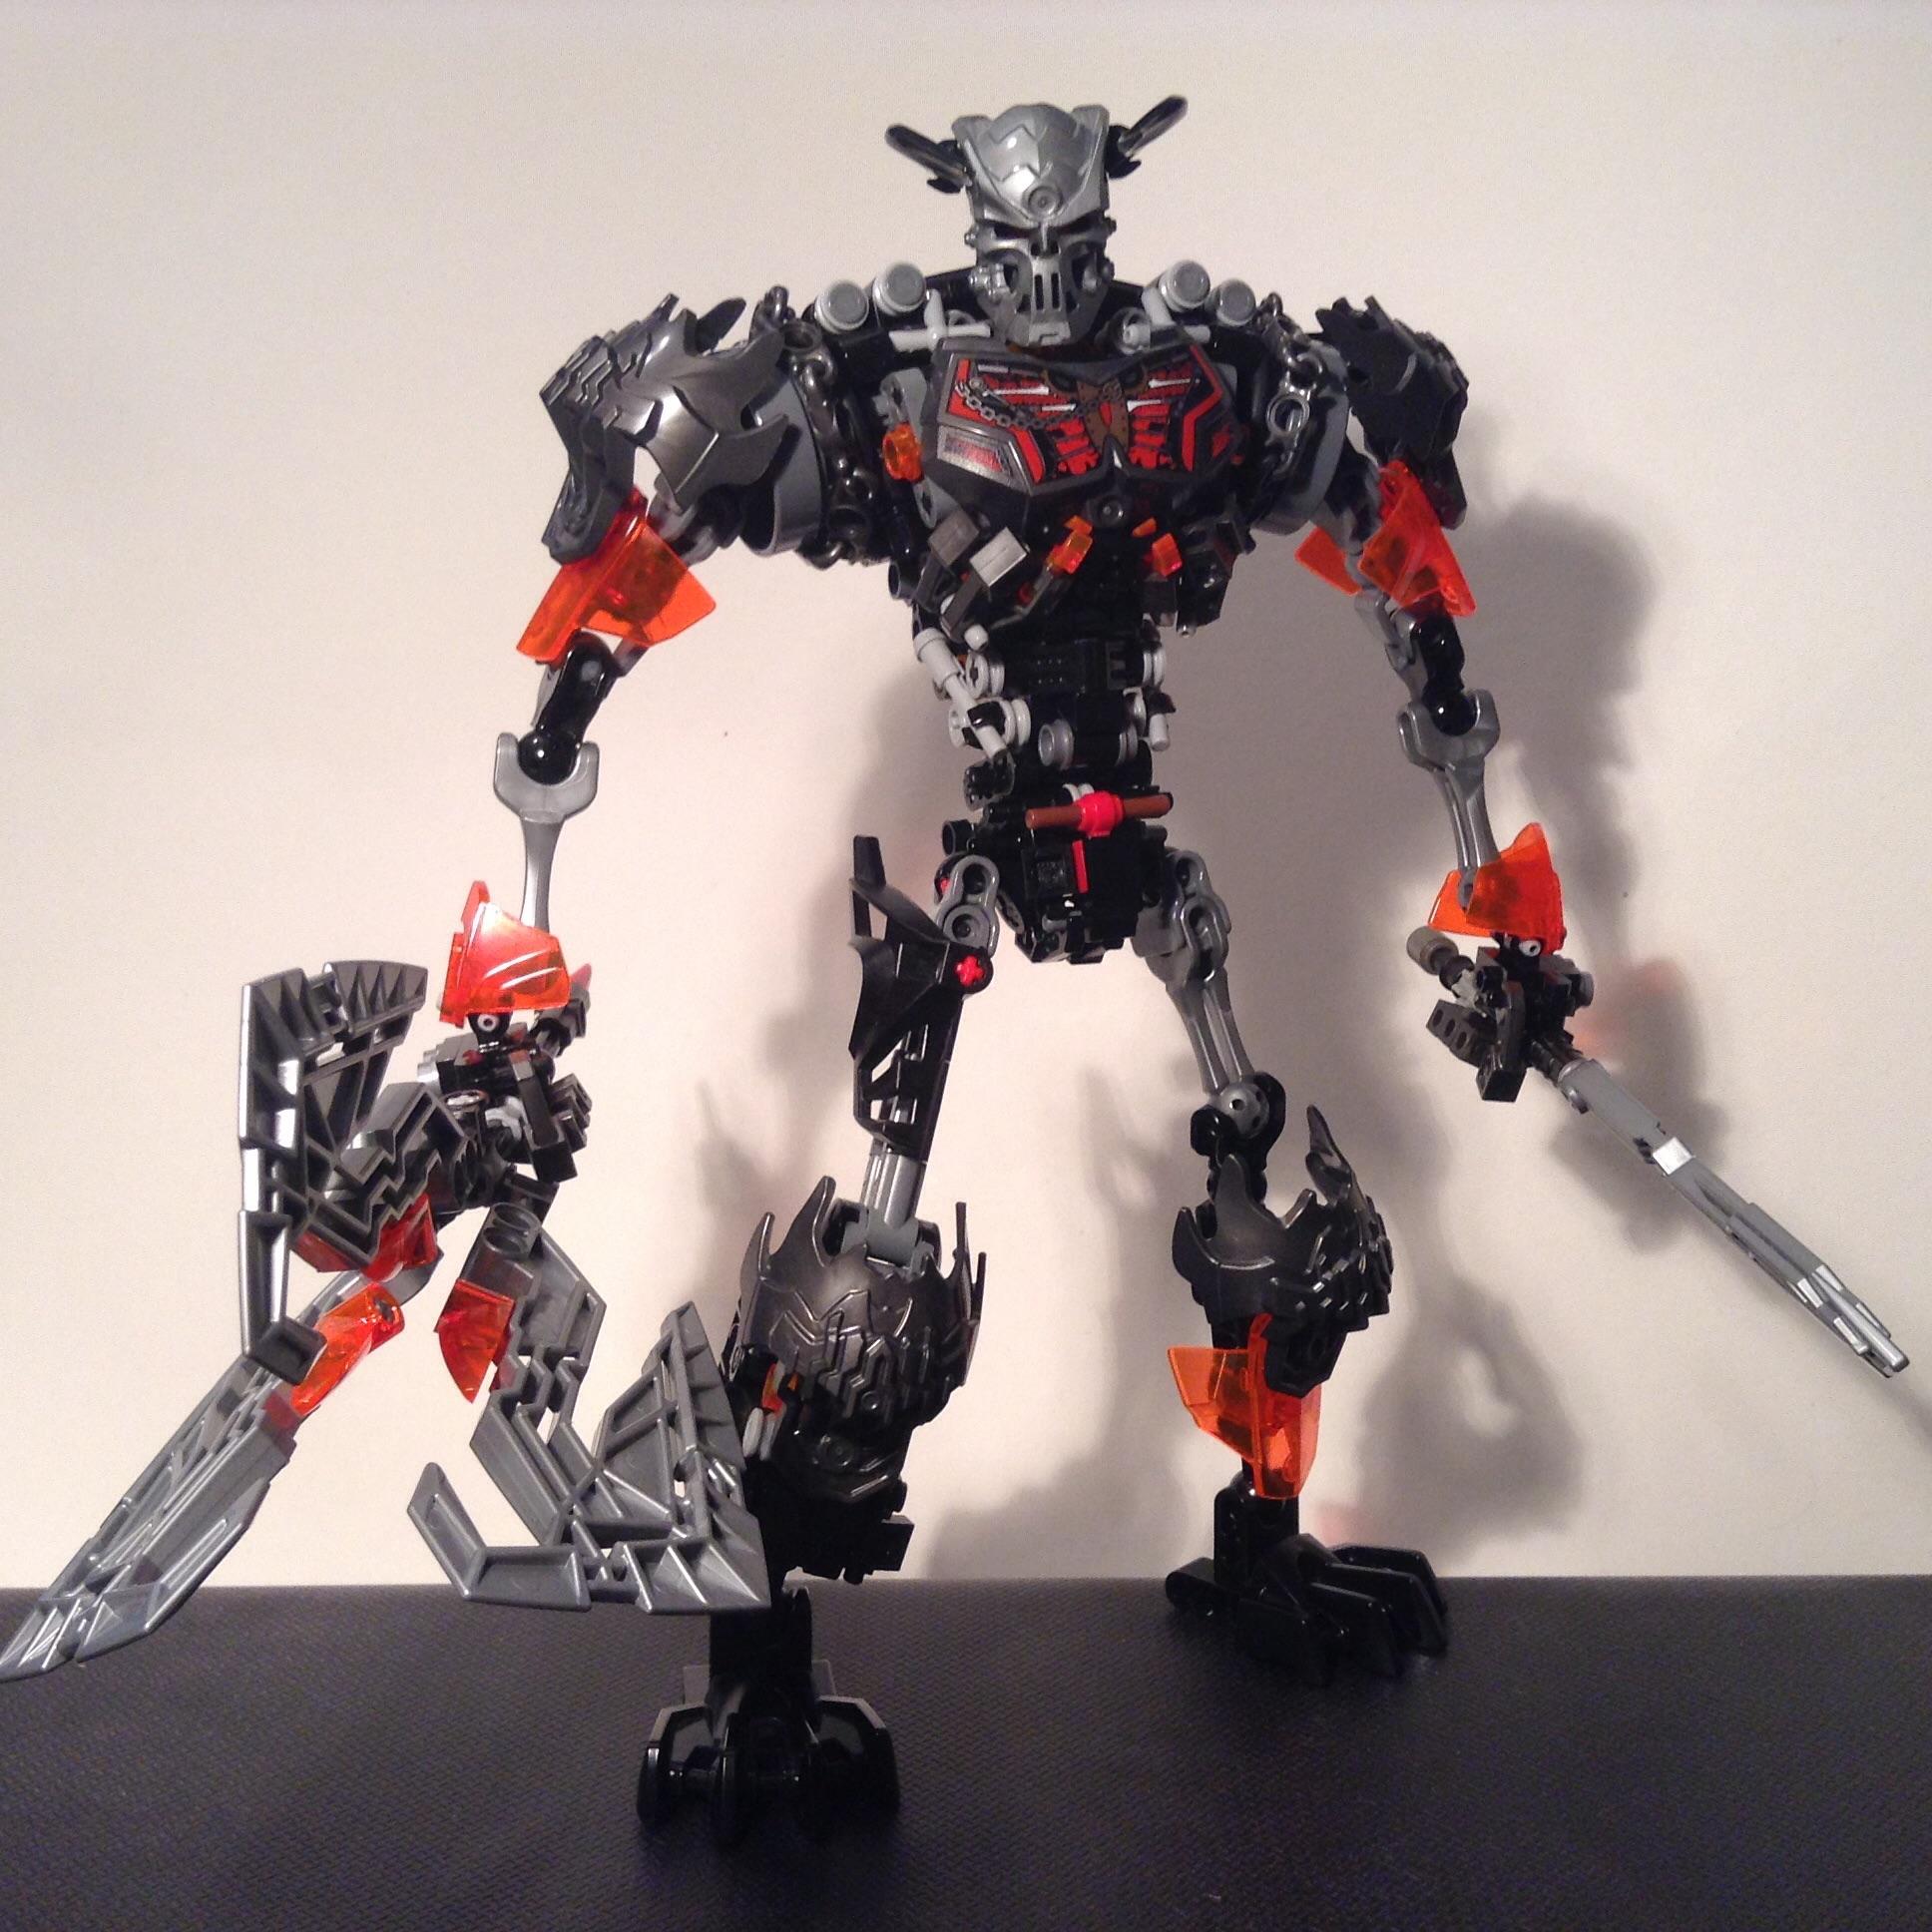 Lego Bionicle 2015 Onua Instructions